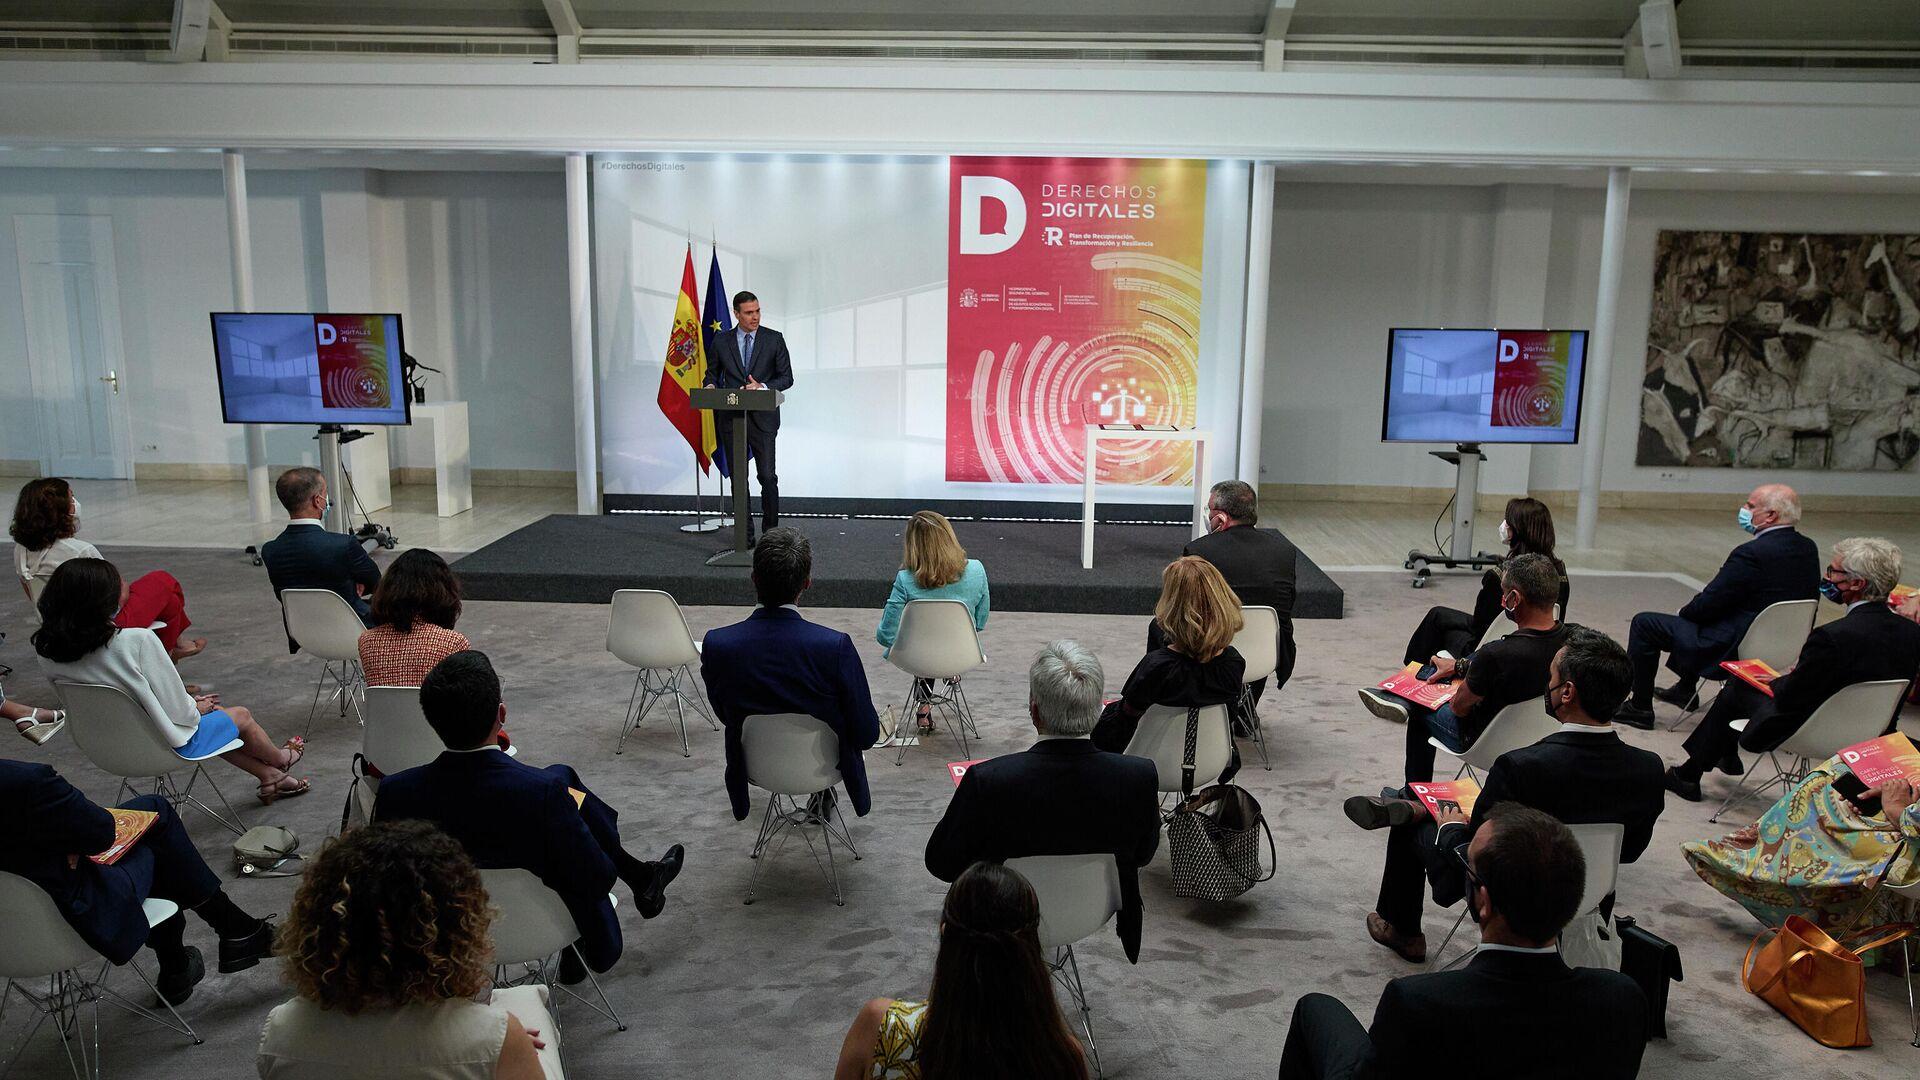 Pedro Sánchez presenta la Carta de Derechos Digitales en La Moncloa - Sputnik Mundo, 1920, 14.07.2021